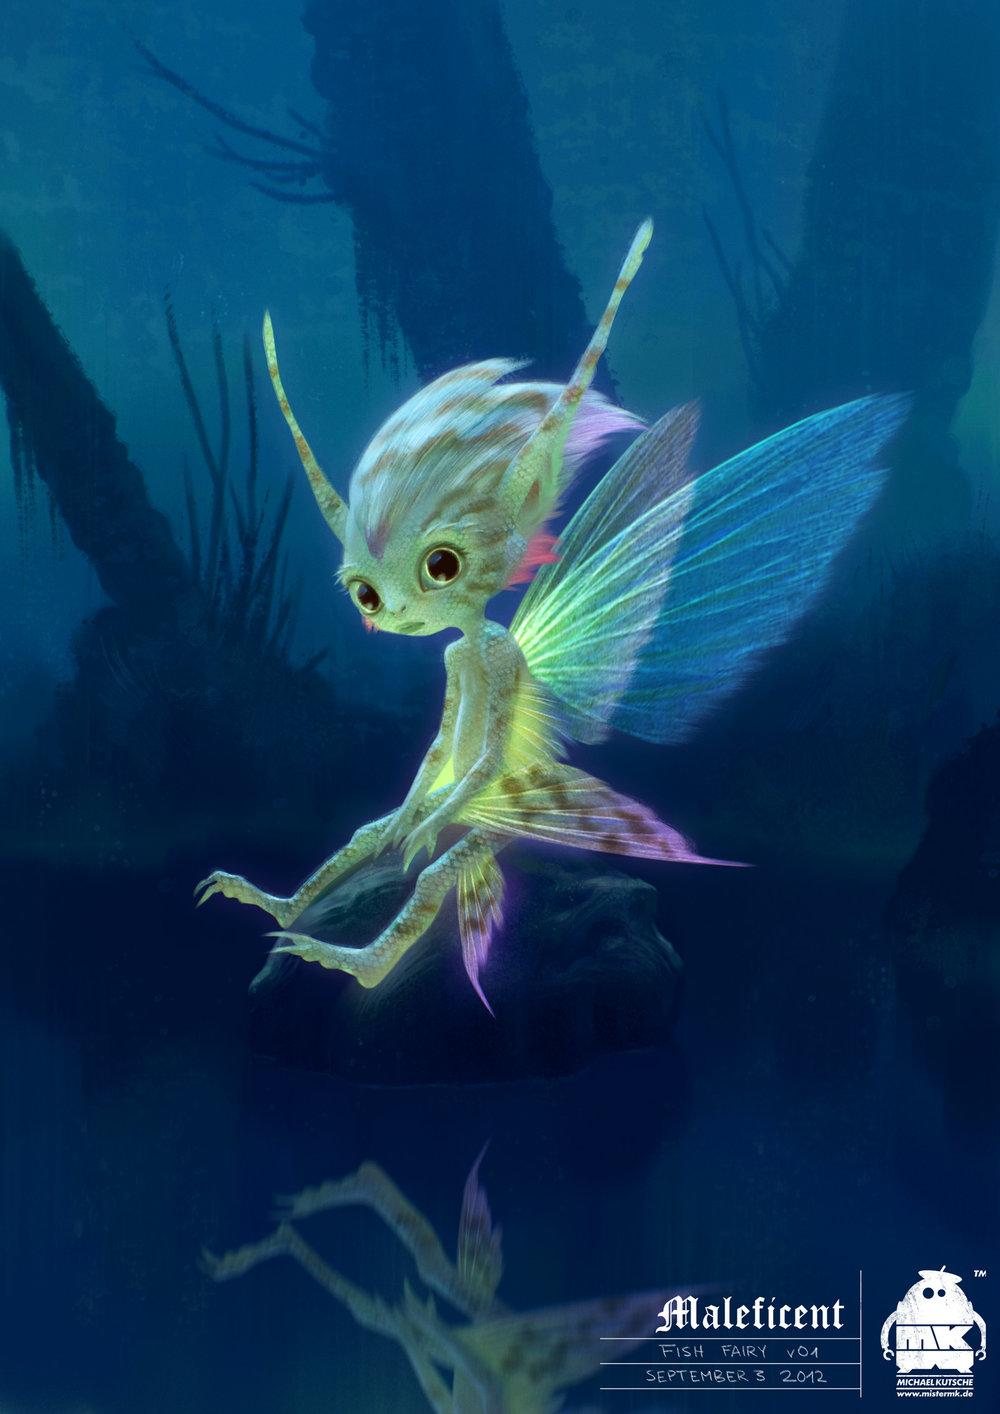 Fish_Fairy_MK_v001_2.jpg